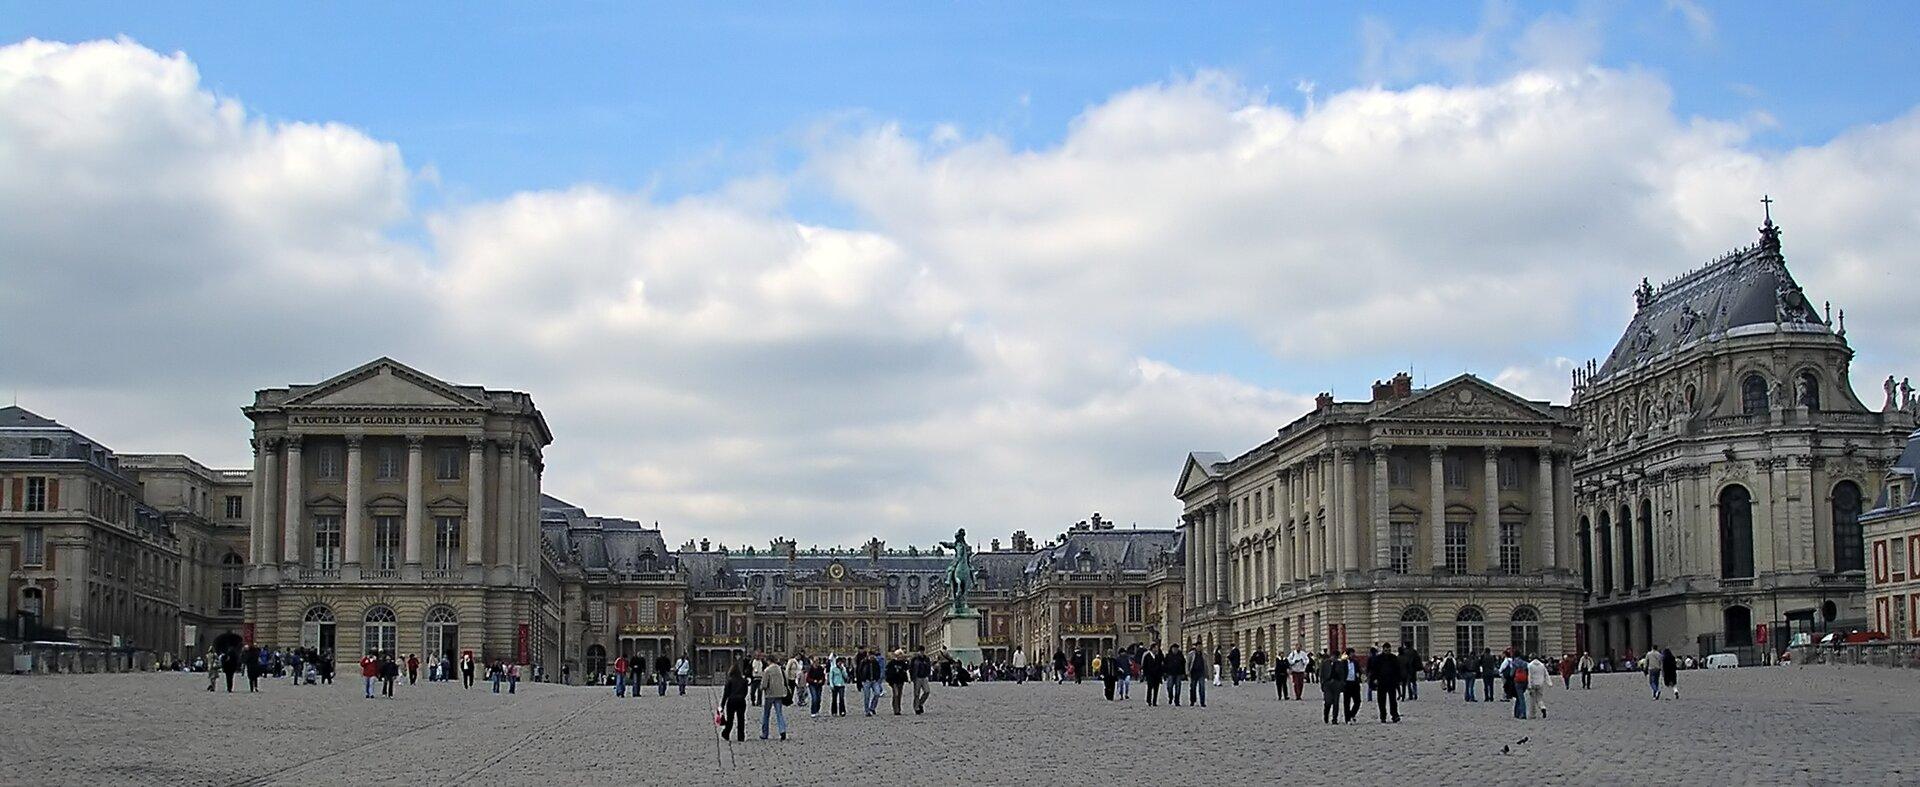 Dziedziniec główny pałacu wersalskiego Dziedziniec główny pałacu wersalskiego Źródło: Deror avi, Wikimedia Commons, licencja: CC BY 3.0.